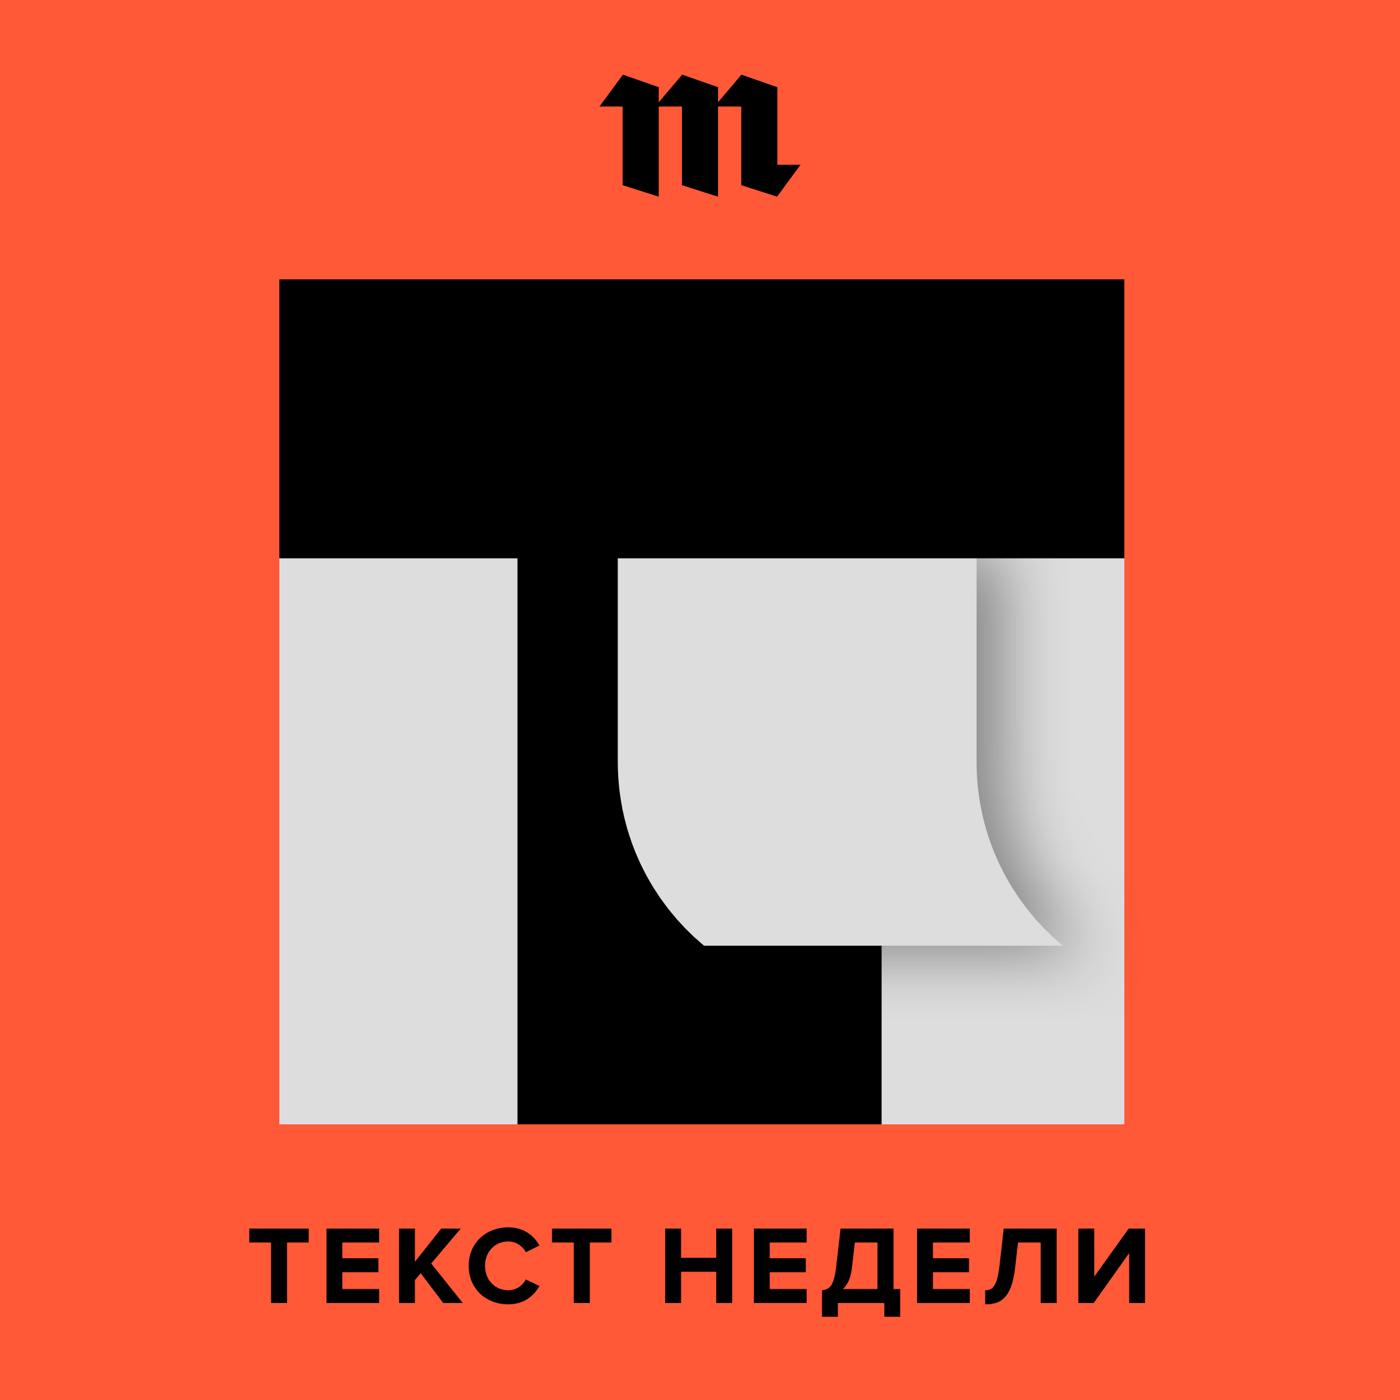 Купить книгу «Путин дописывает последнюю главу о себе в учебнике». Подкаст о том, что происходит с Конституцией, автора Константина Бенюмова